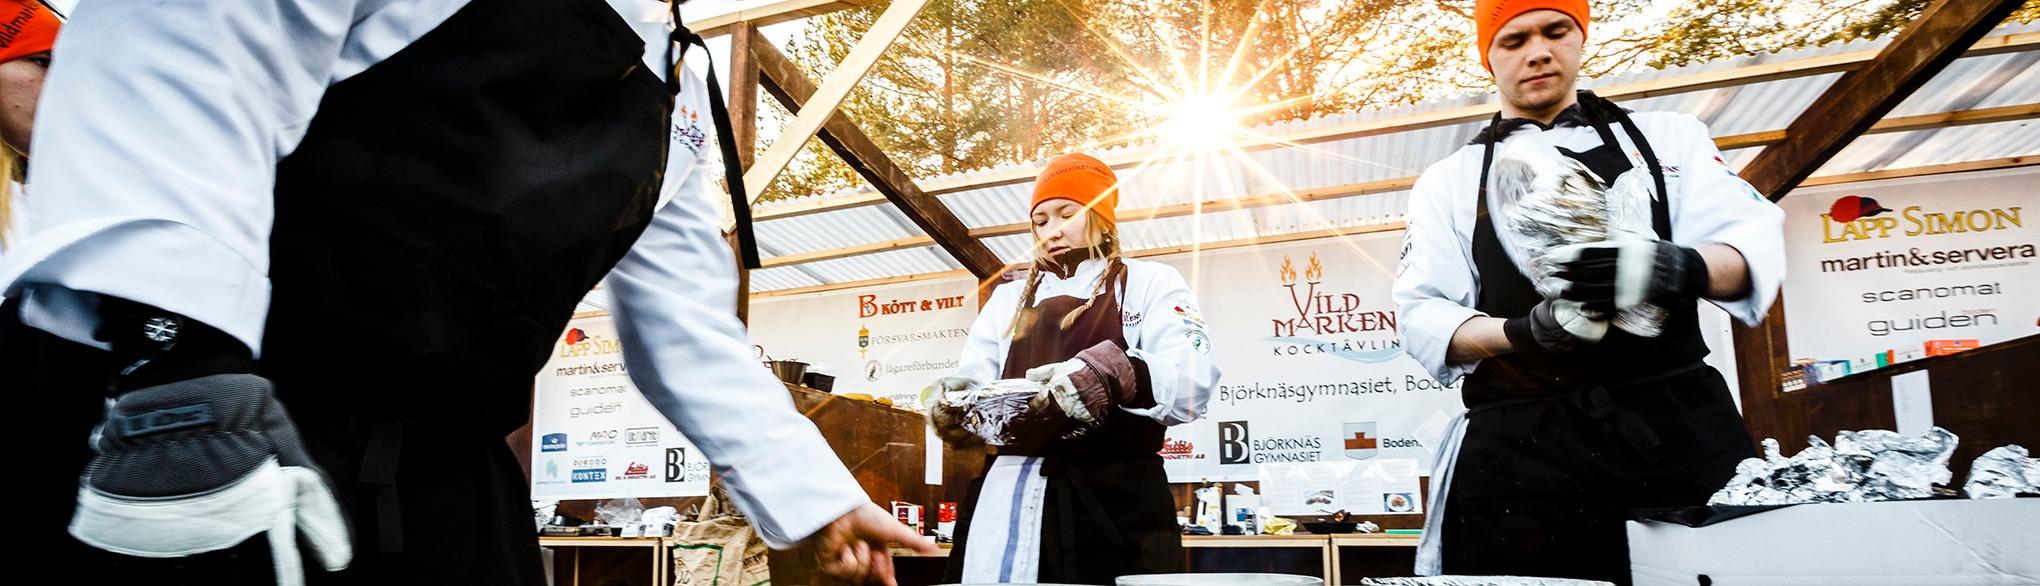 Restaurang och livsmedelsprogrammet